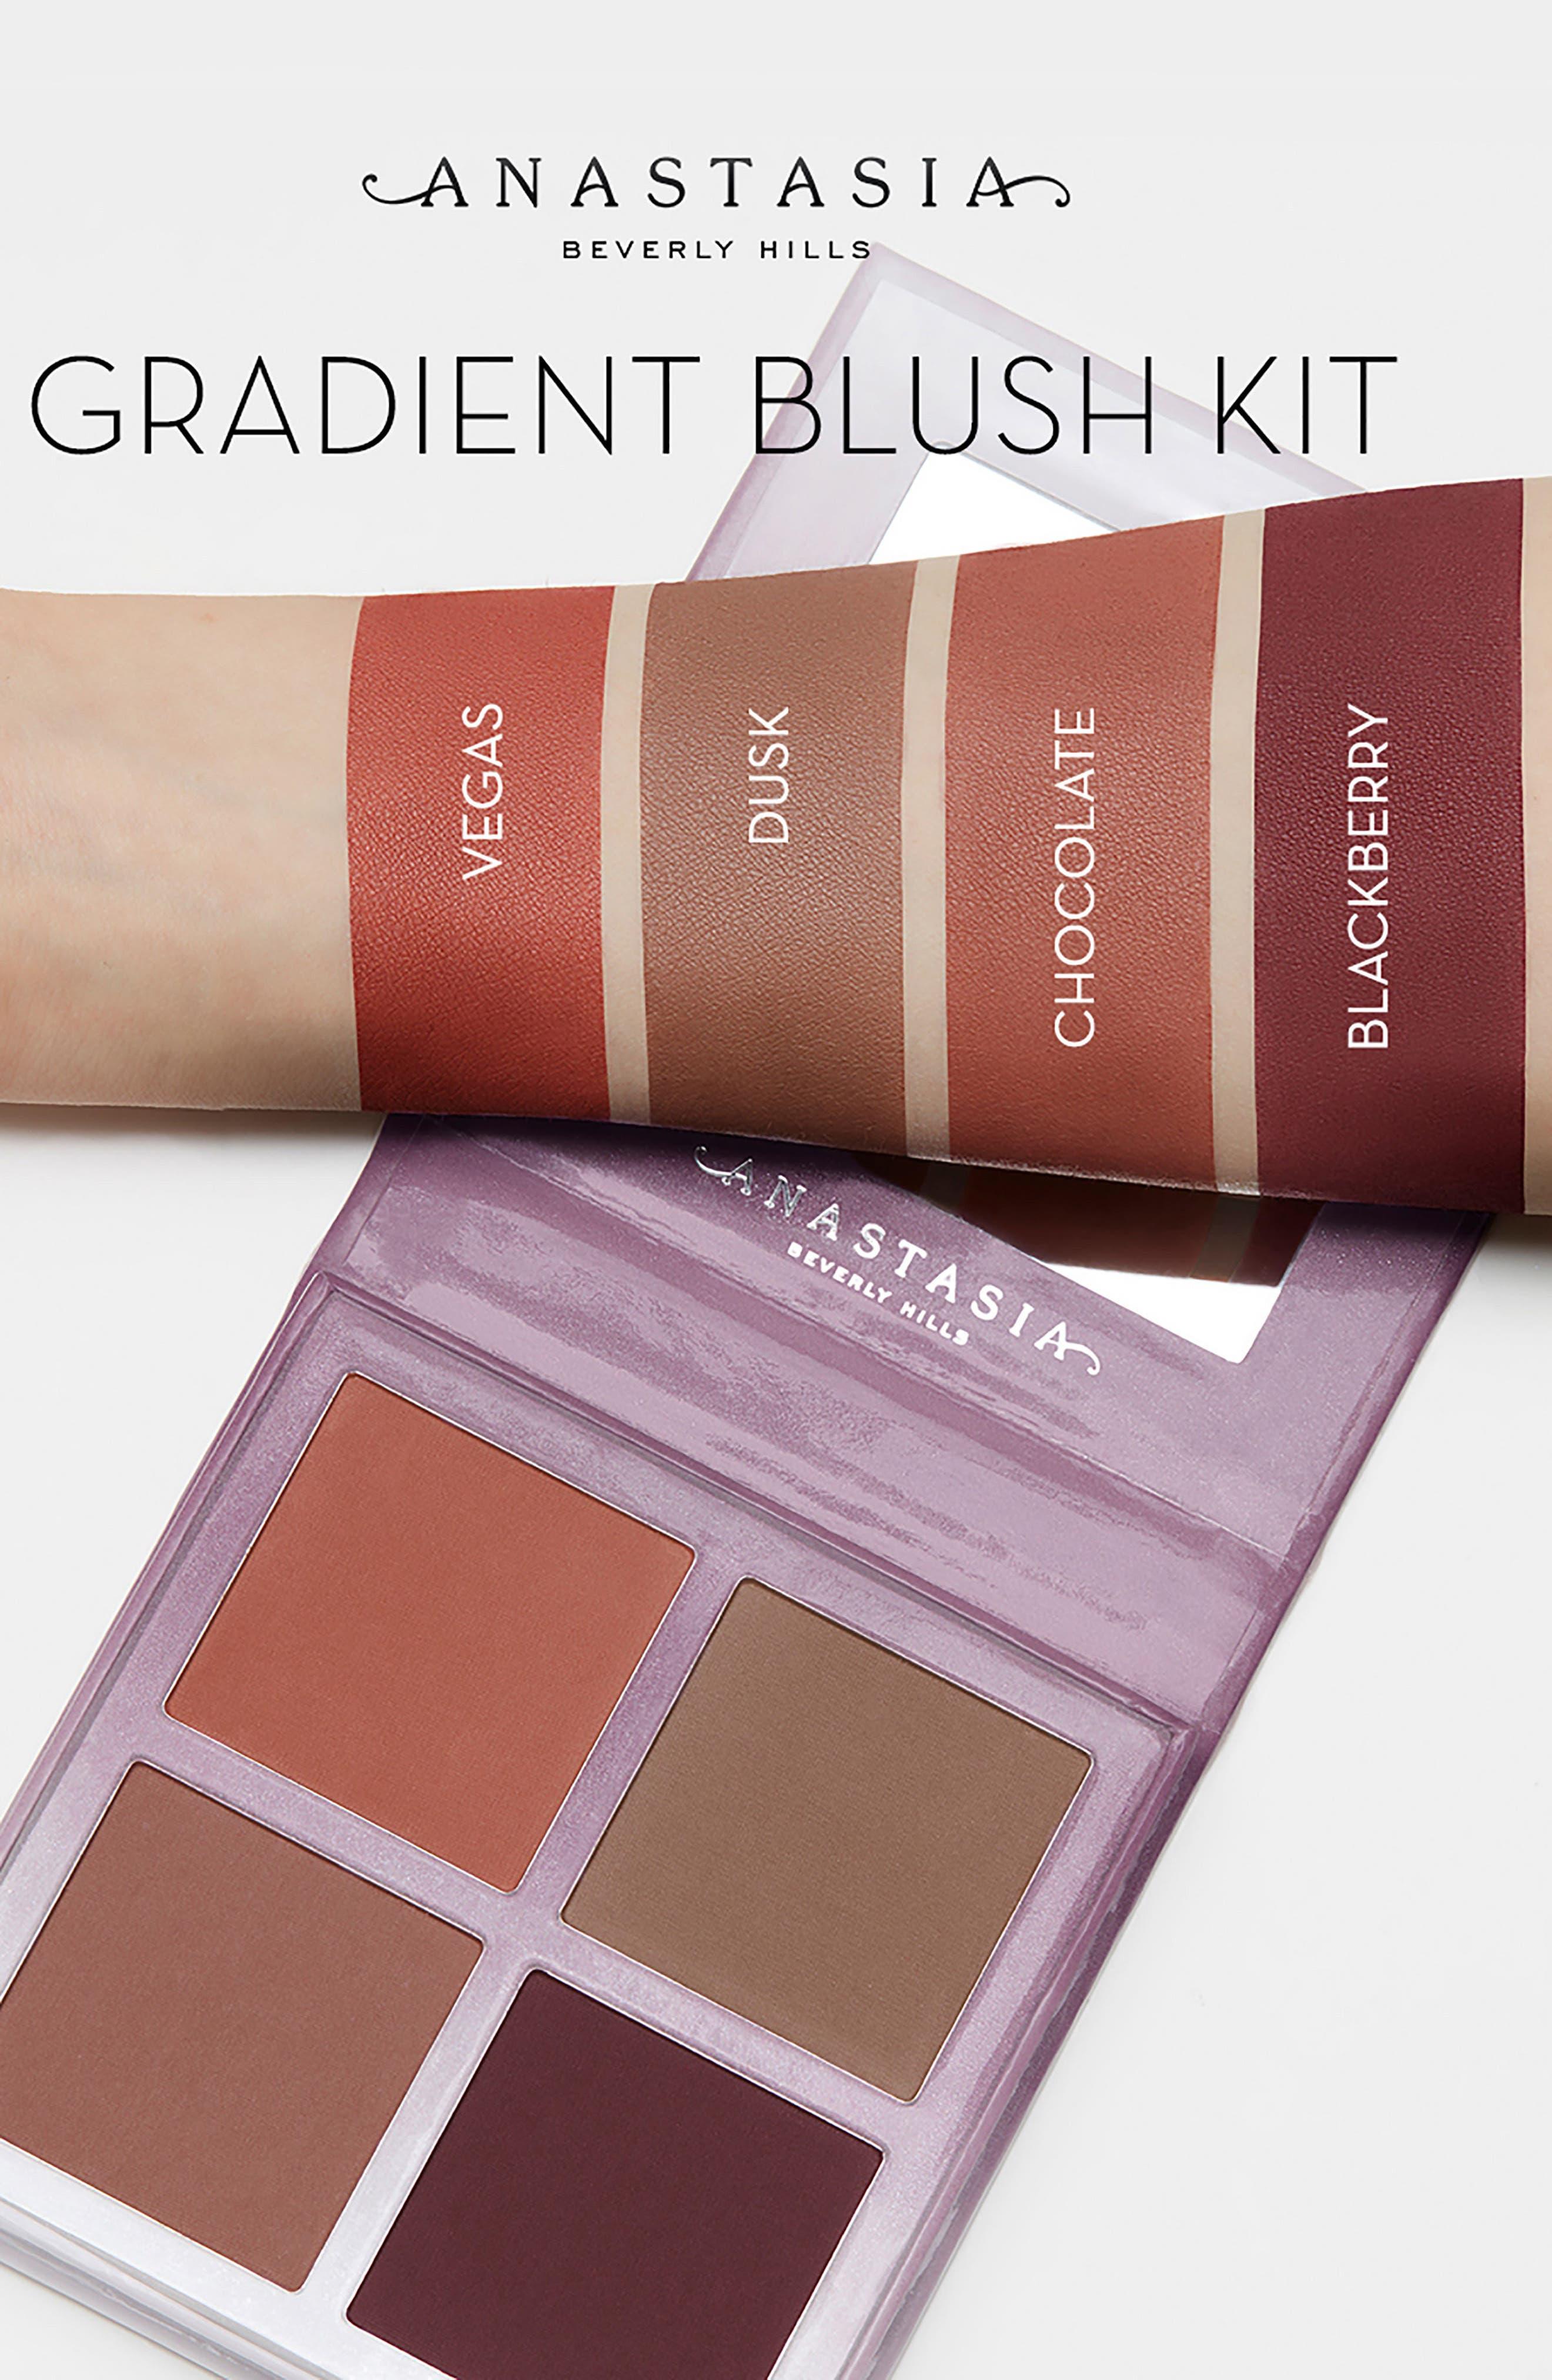 Blush Kit,                             Alternate thumbnail 6, color,                             GRADIENT